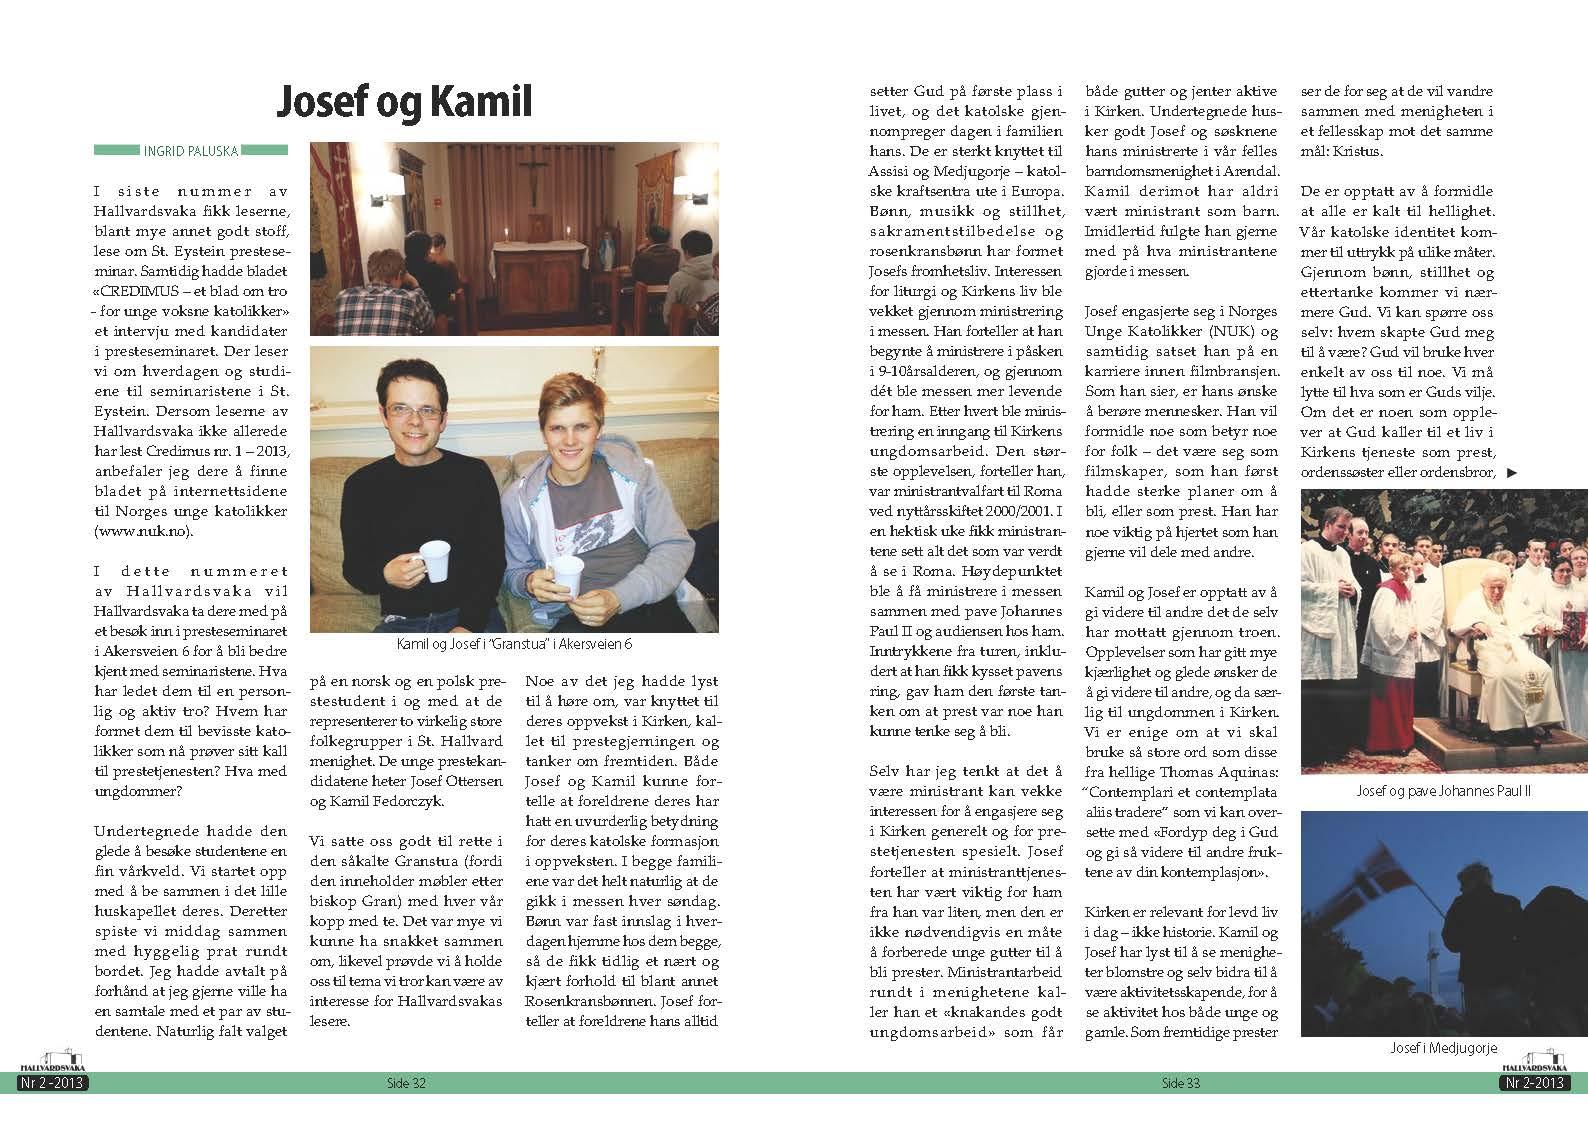 Trykk for å lese intervjuet med Josef og Kamil